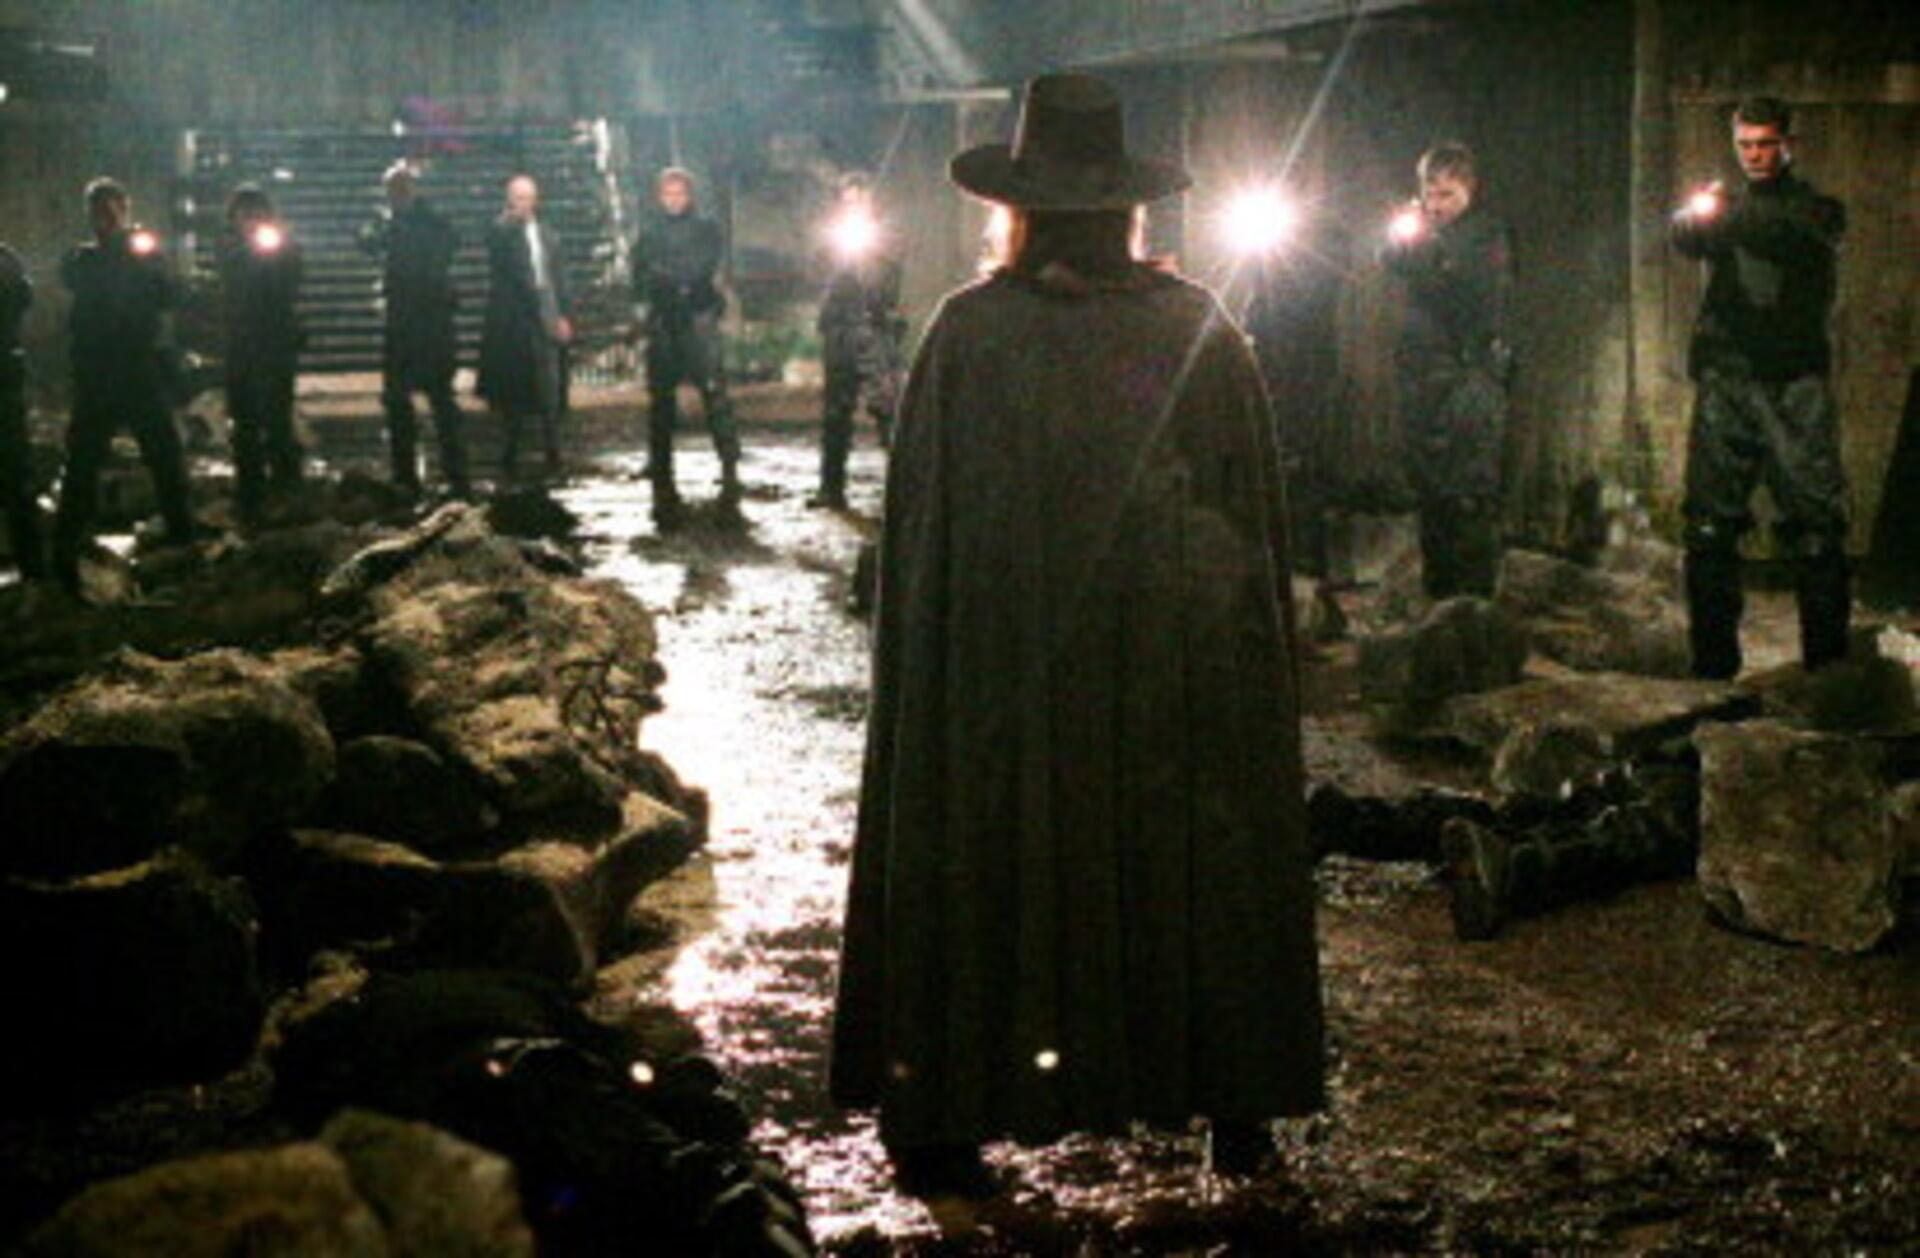 V for Vendetta - Image 7